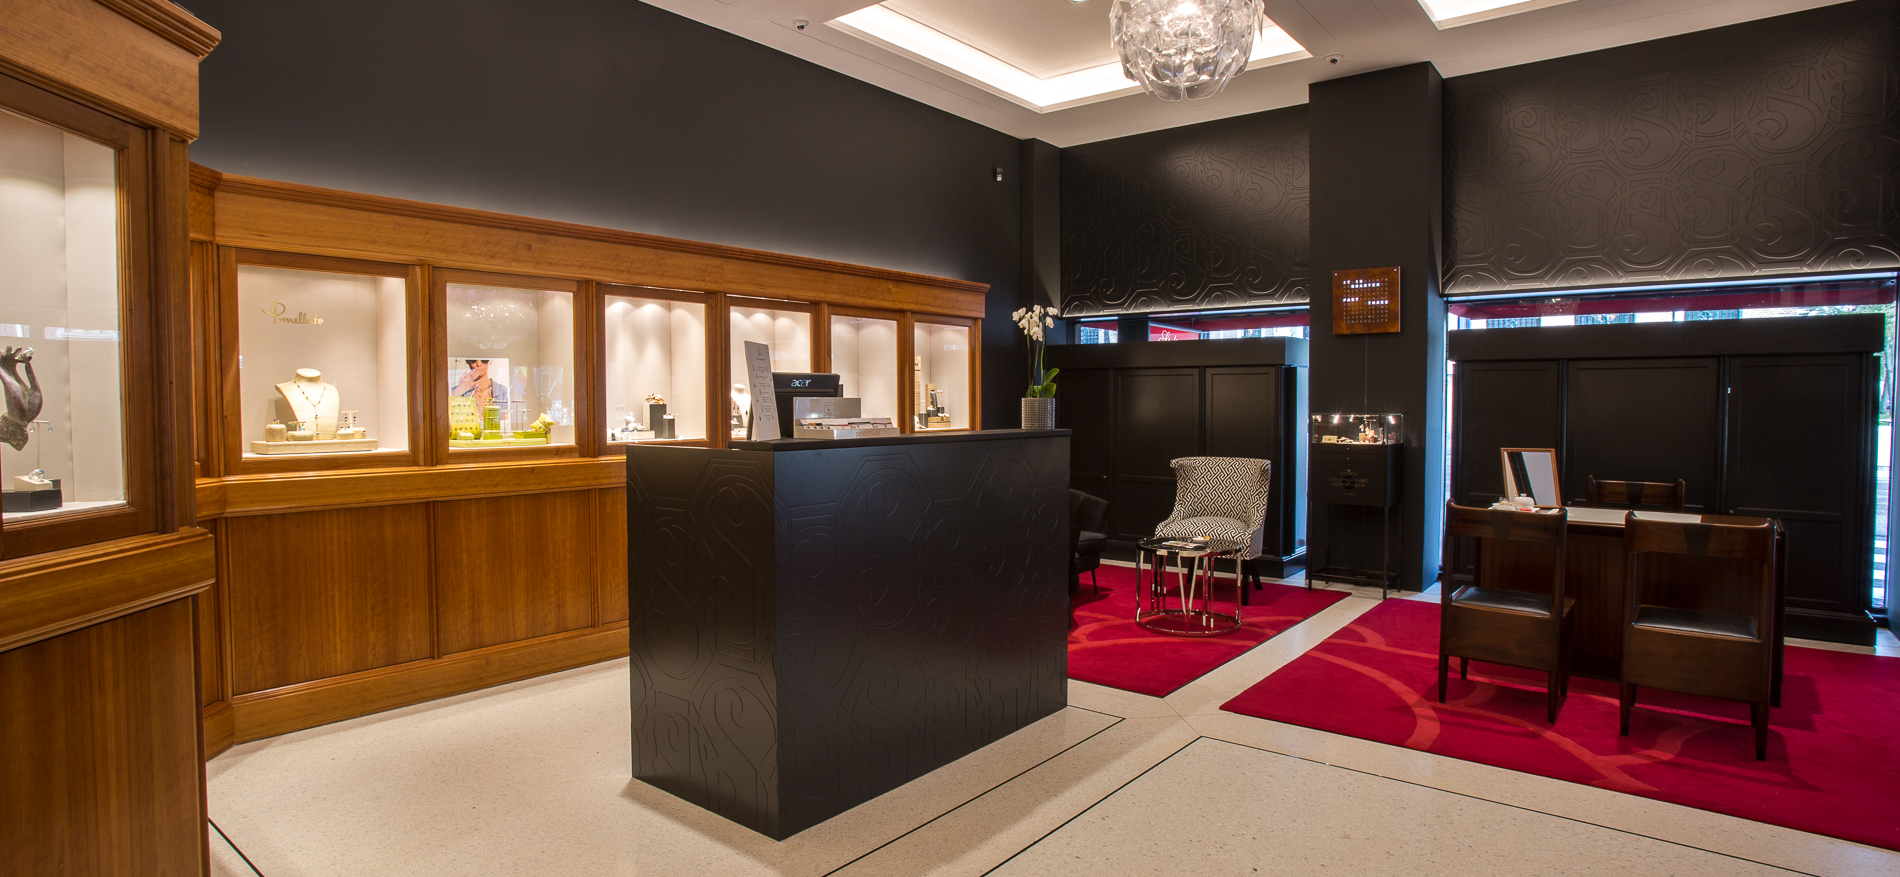 Eingreifende Renovierung Juwelier Steltman   Den Haag